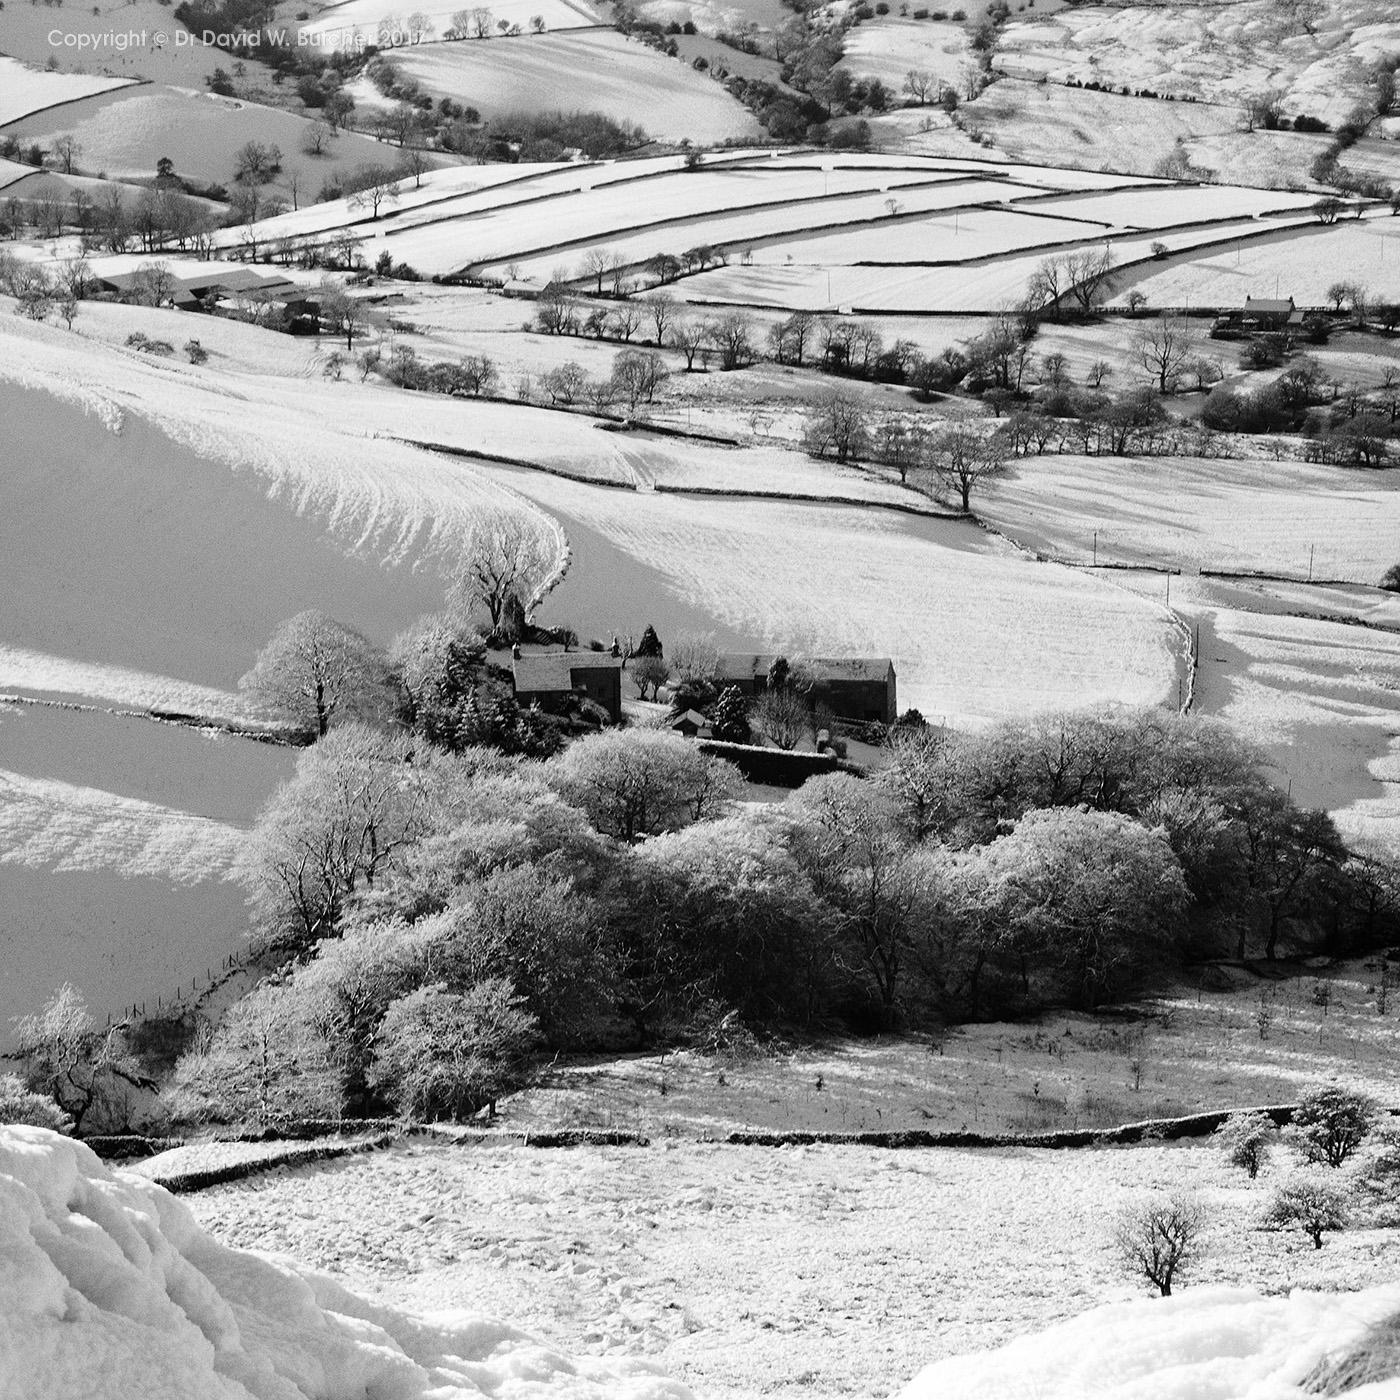 White Peak in Winter, Chapel-en-le-Frith, Peak District